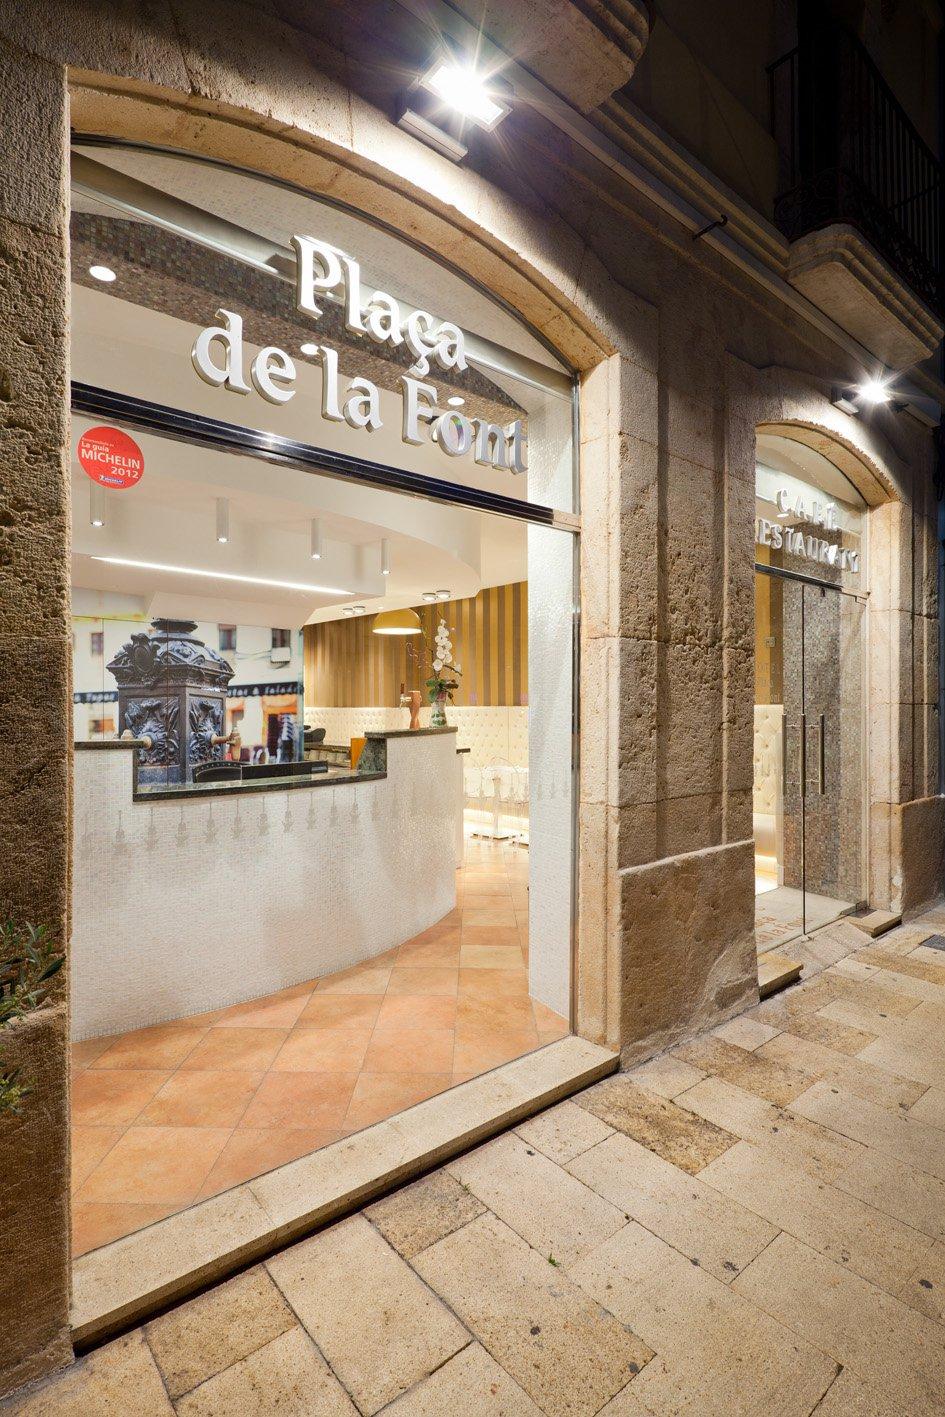 hotel_la_fontnombre_del_documento_32-b14430712aa5a01062e830729935f99a